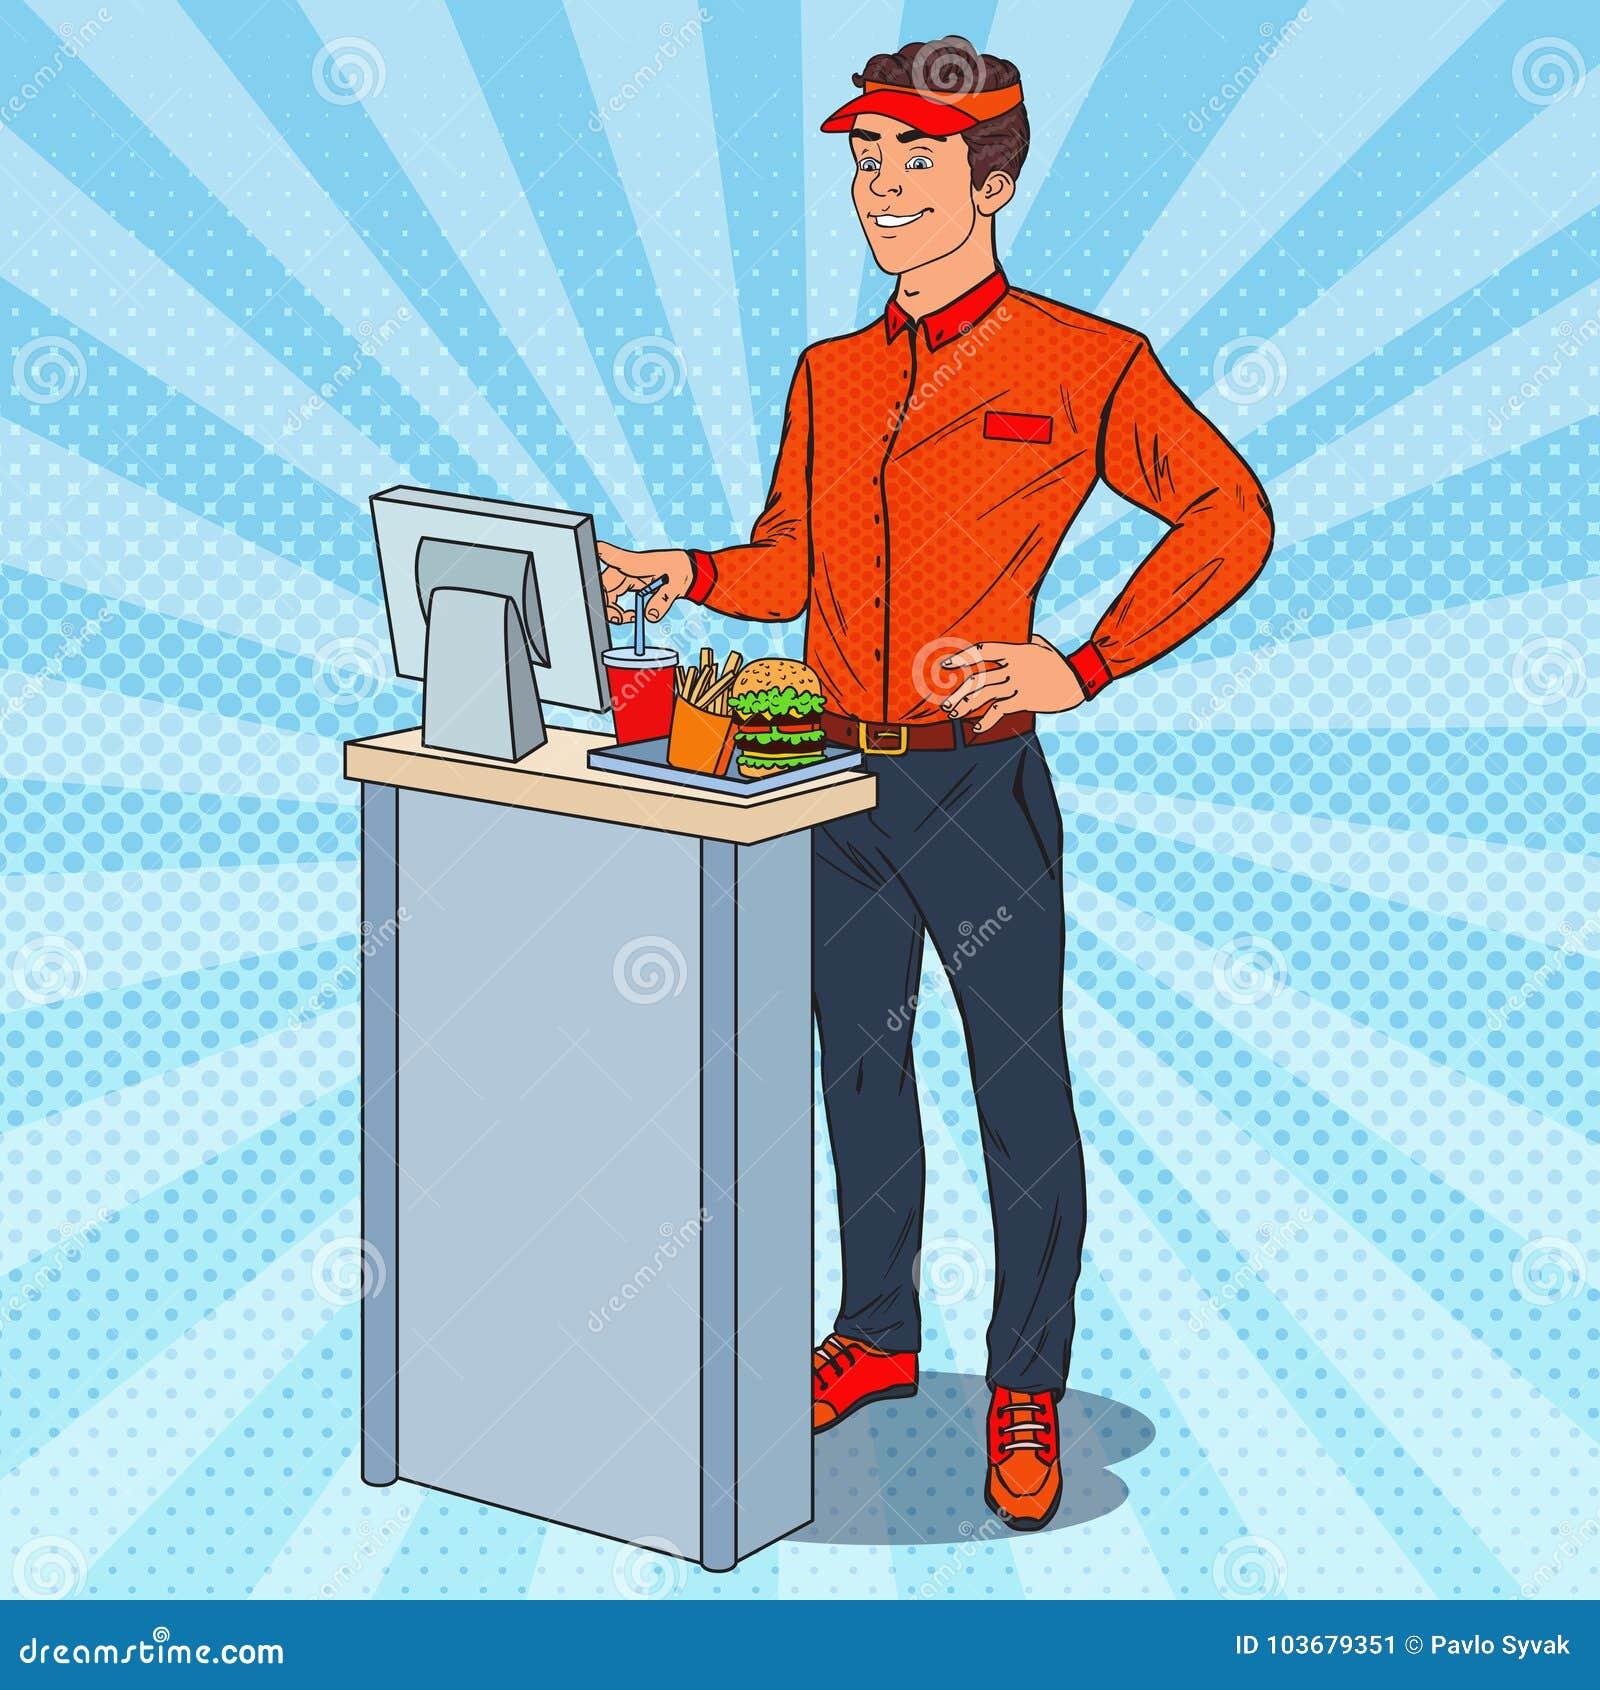 Cashier Cartoons: Fast Food Cashier. Cartoon Vector